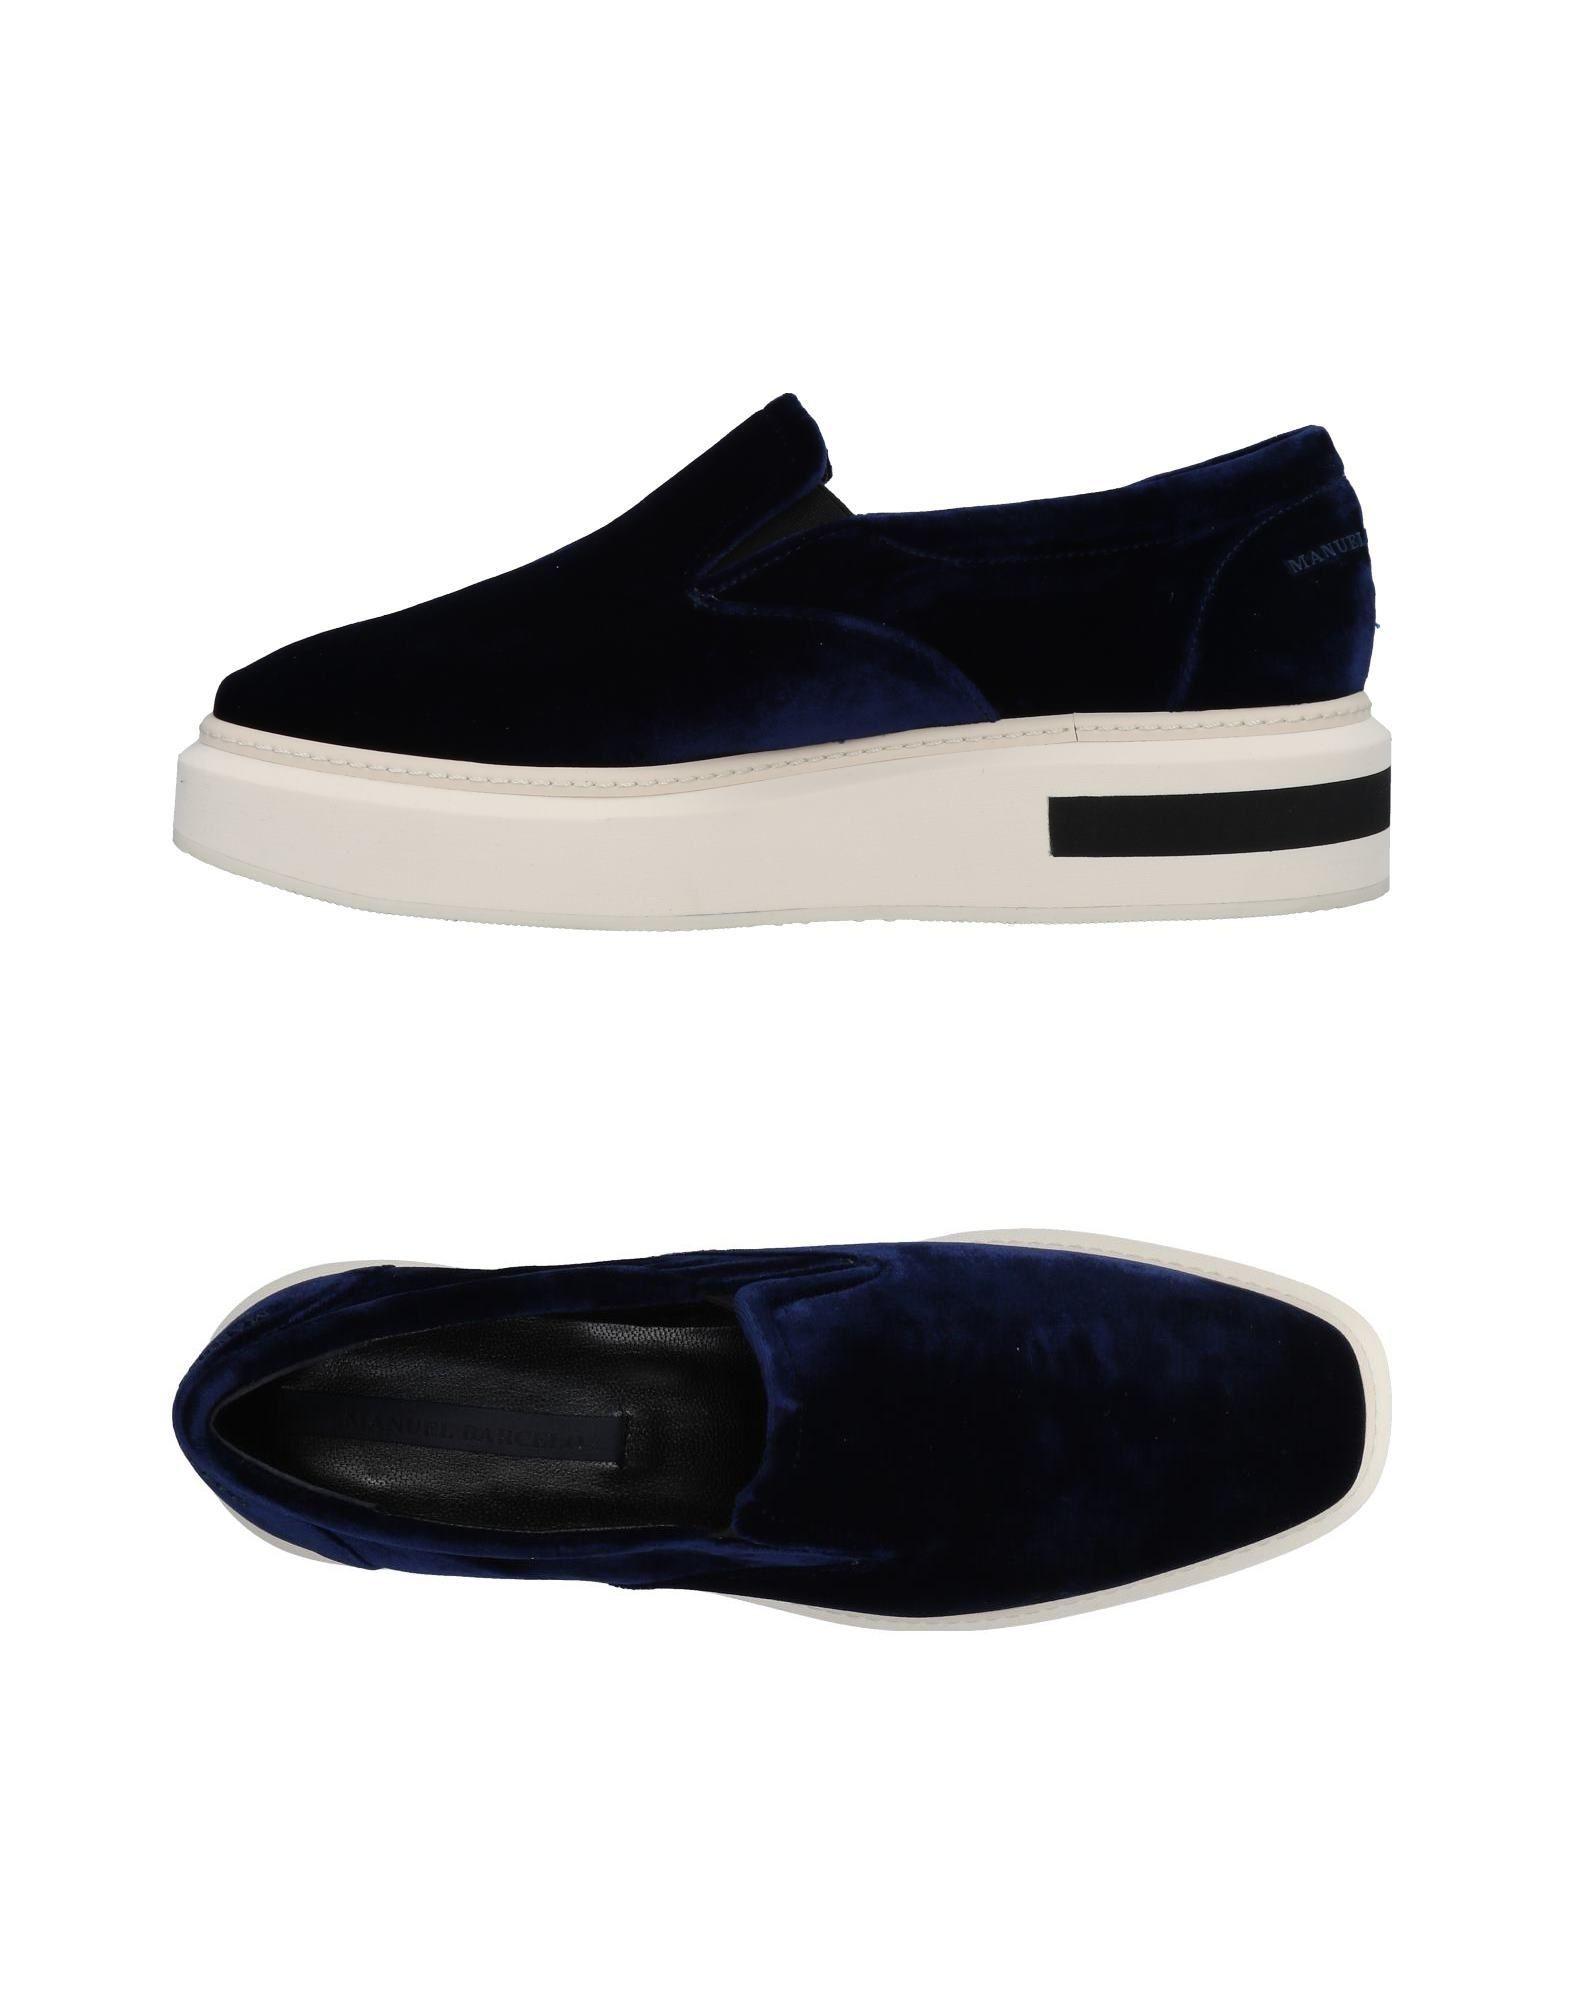 Manuel Barceló Gute Sneakers Damen  11485610TJ Gute Barceló Qualität beliebte Schuhe 3d1e6d